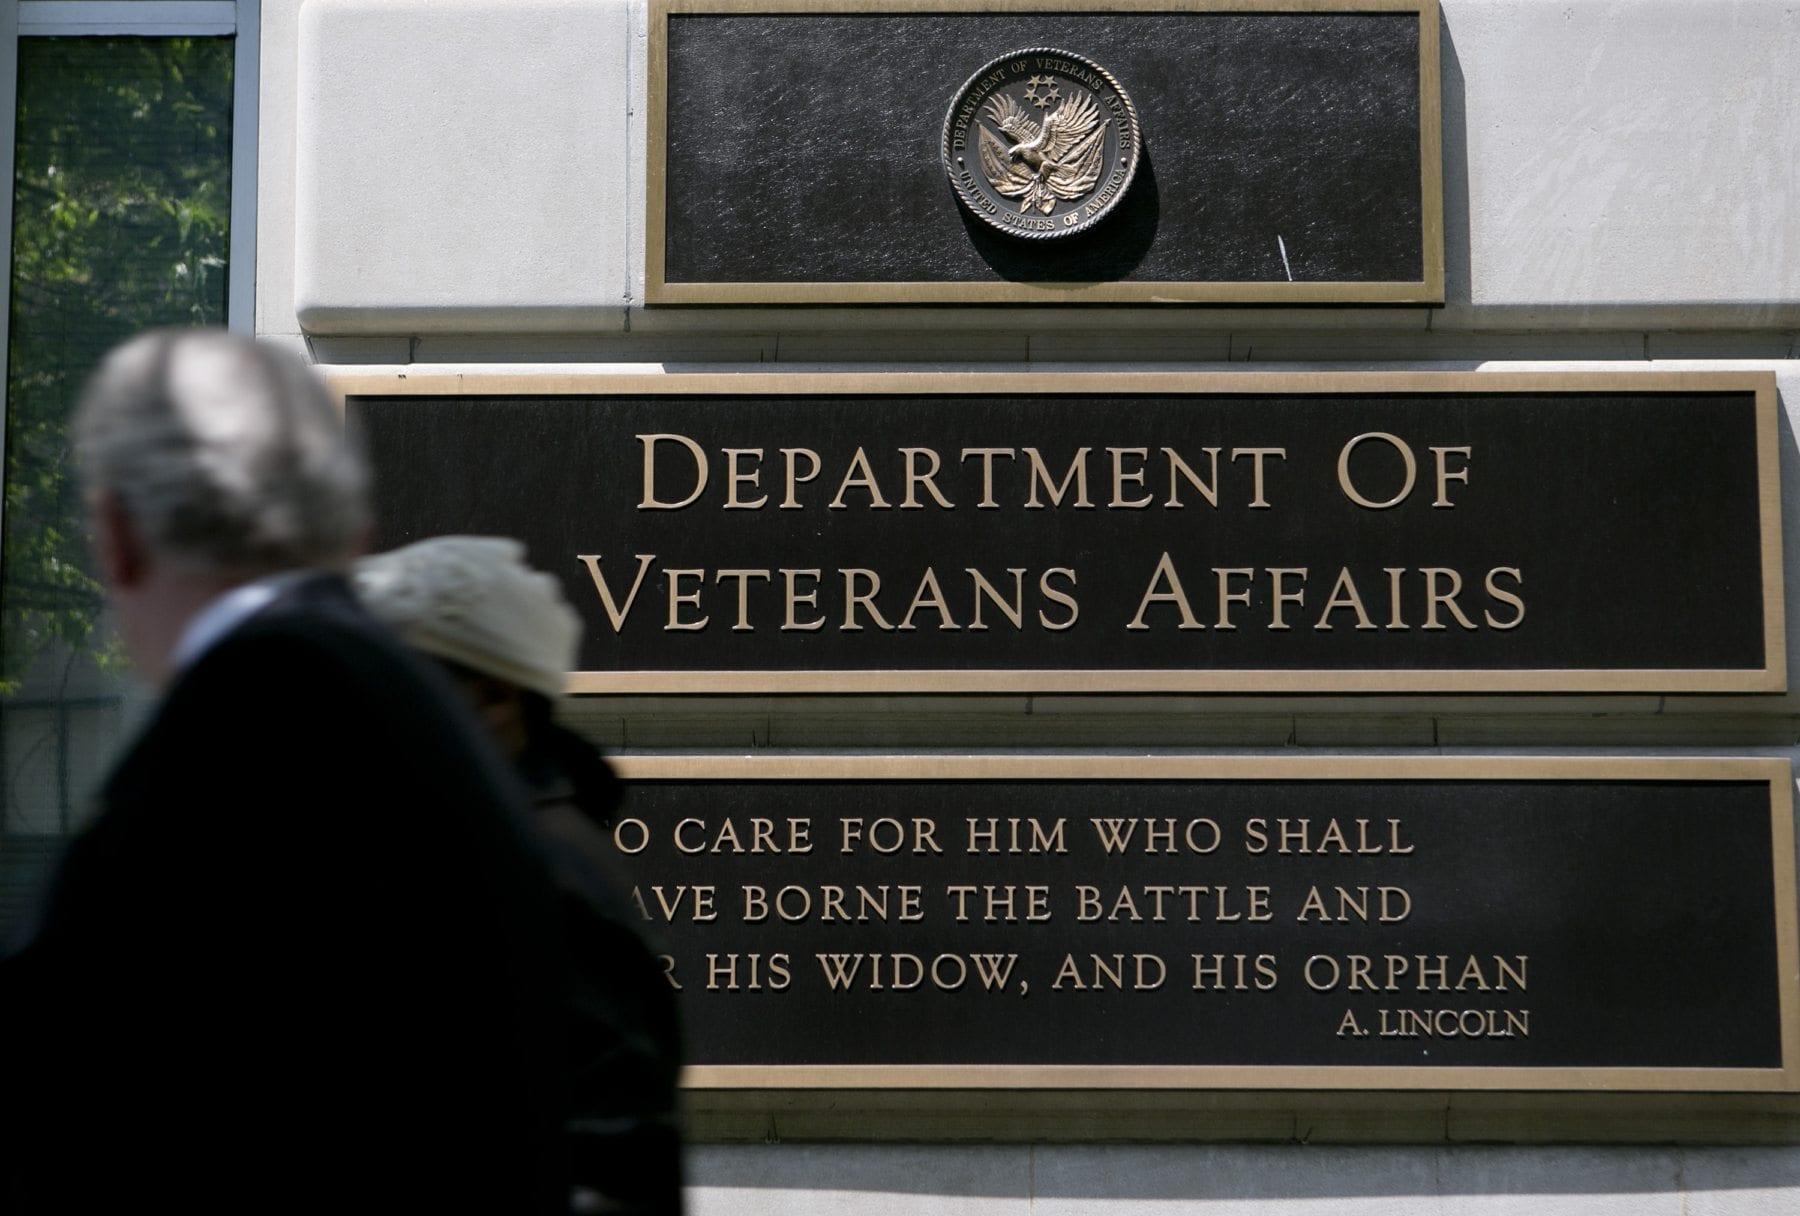 Image U.S. Department of Veterans Affairs (VA)